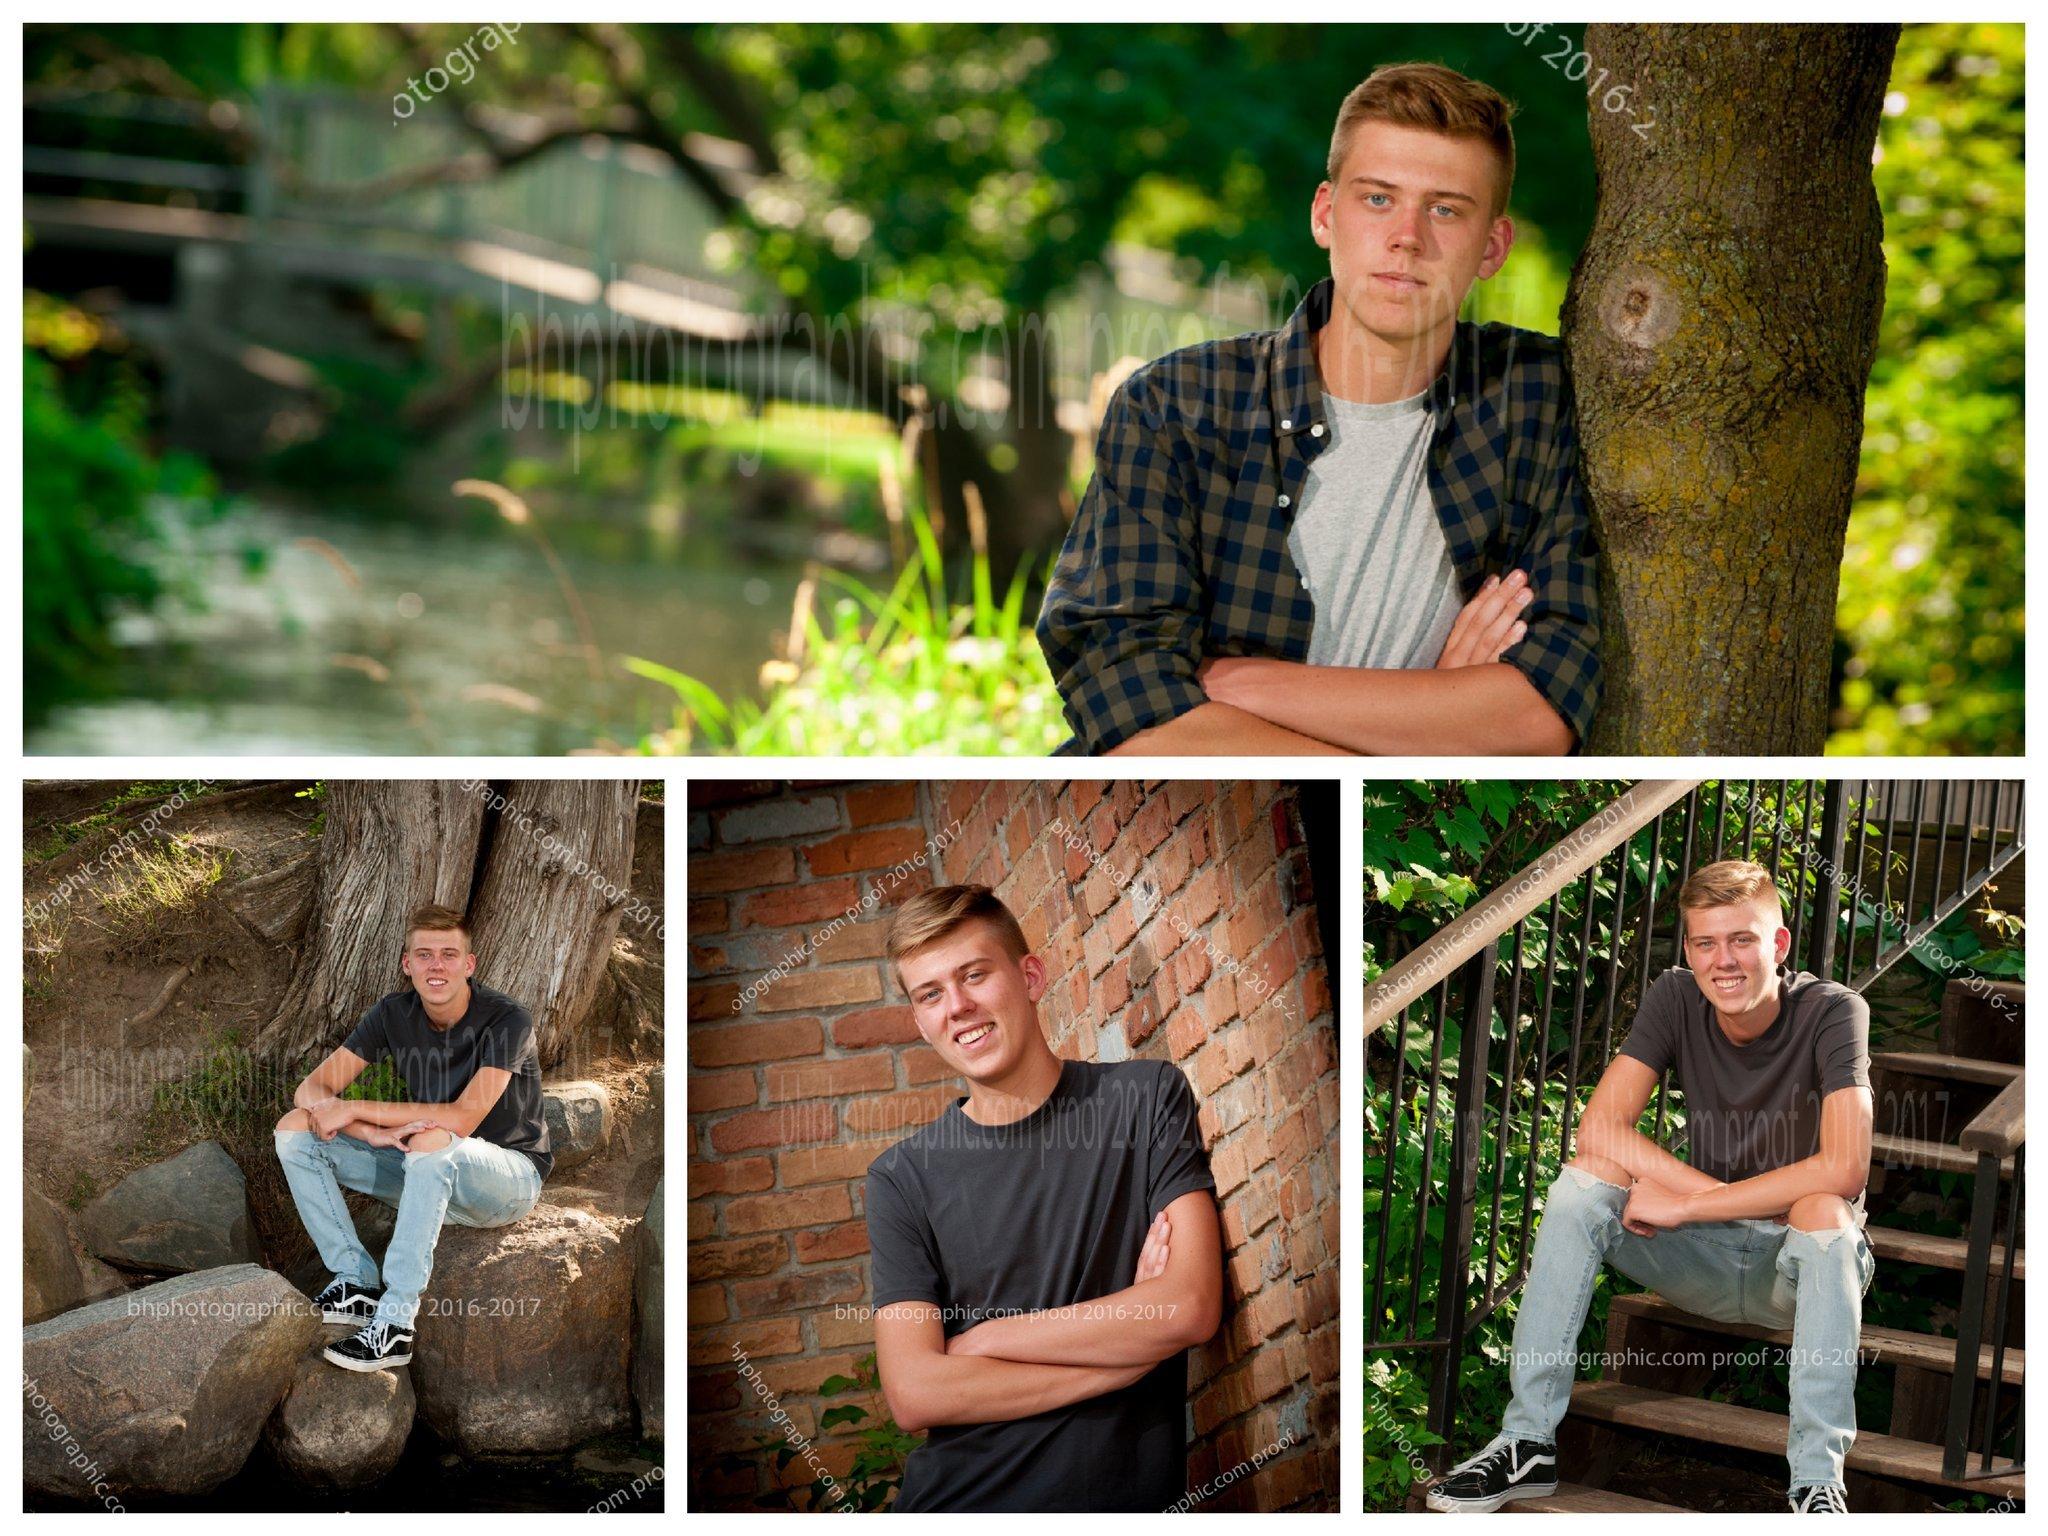 Collage_Fotor 2.jpg